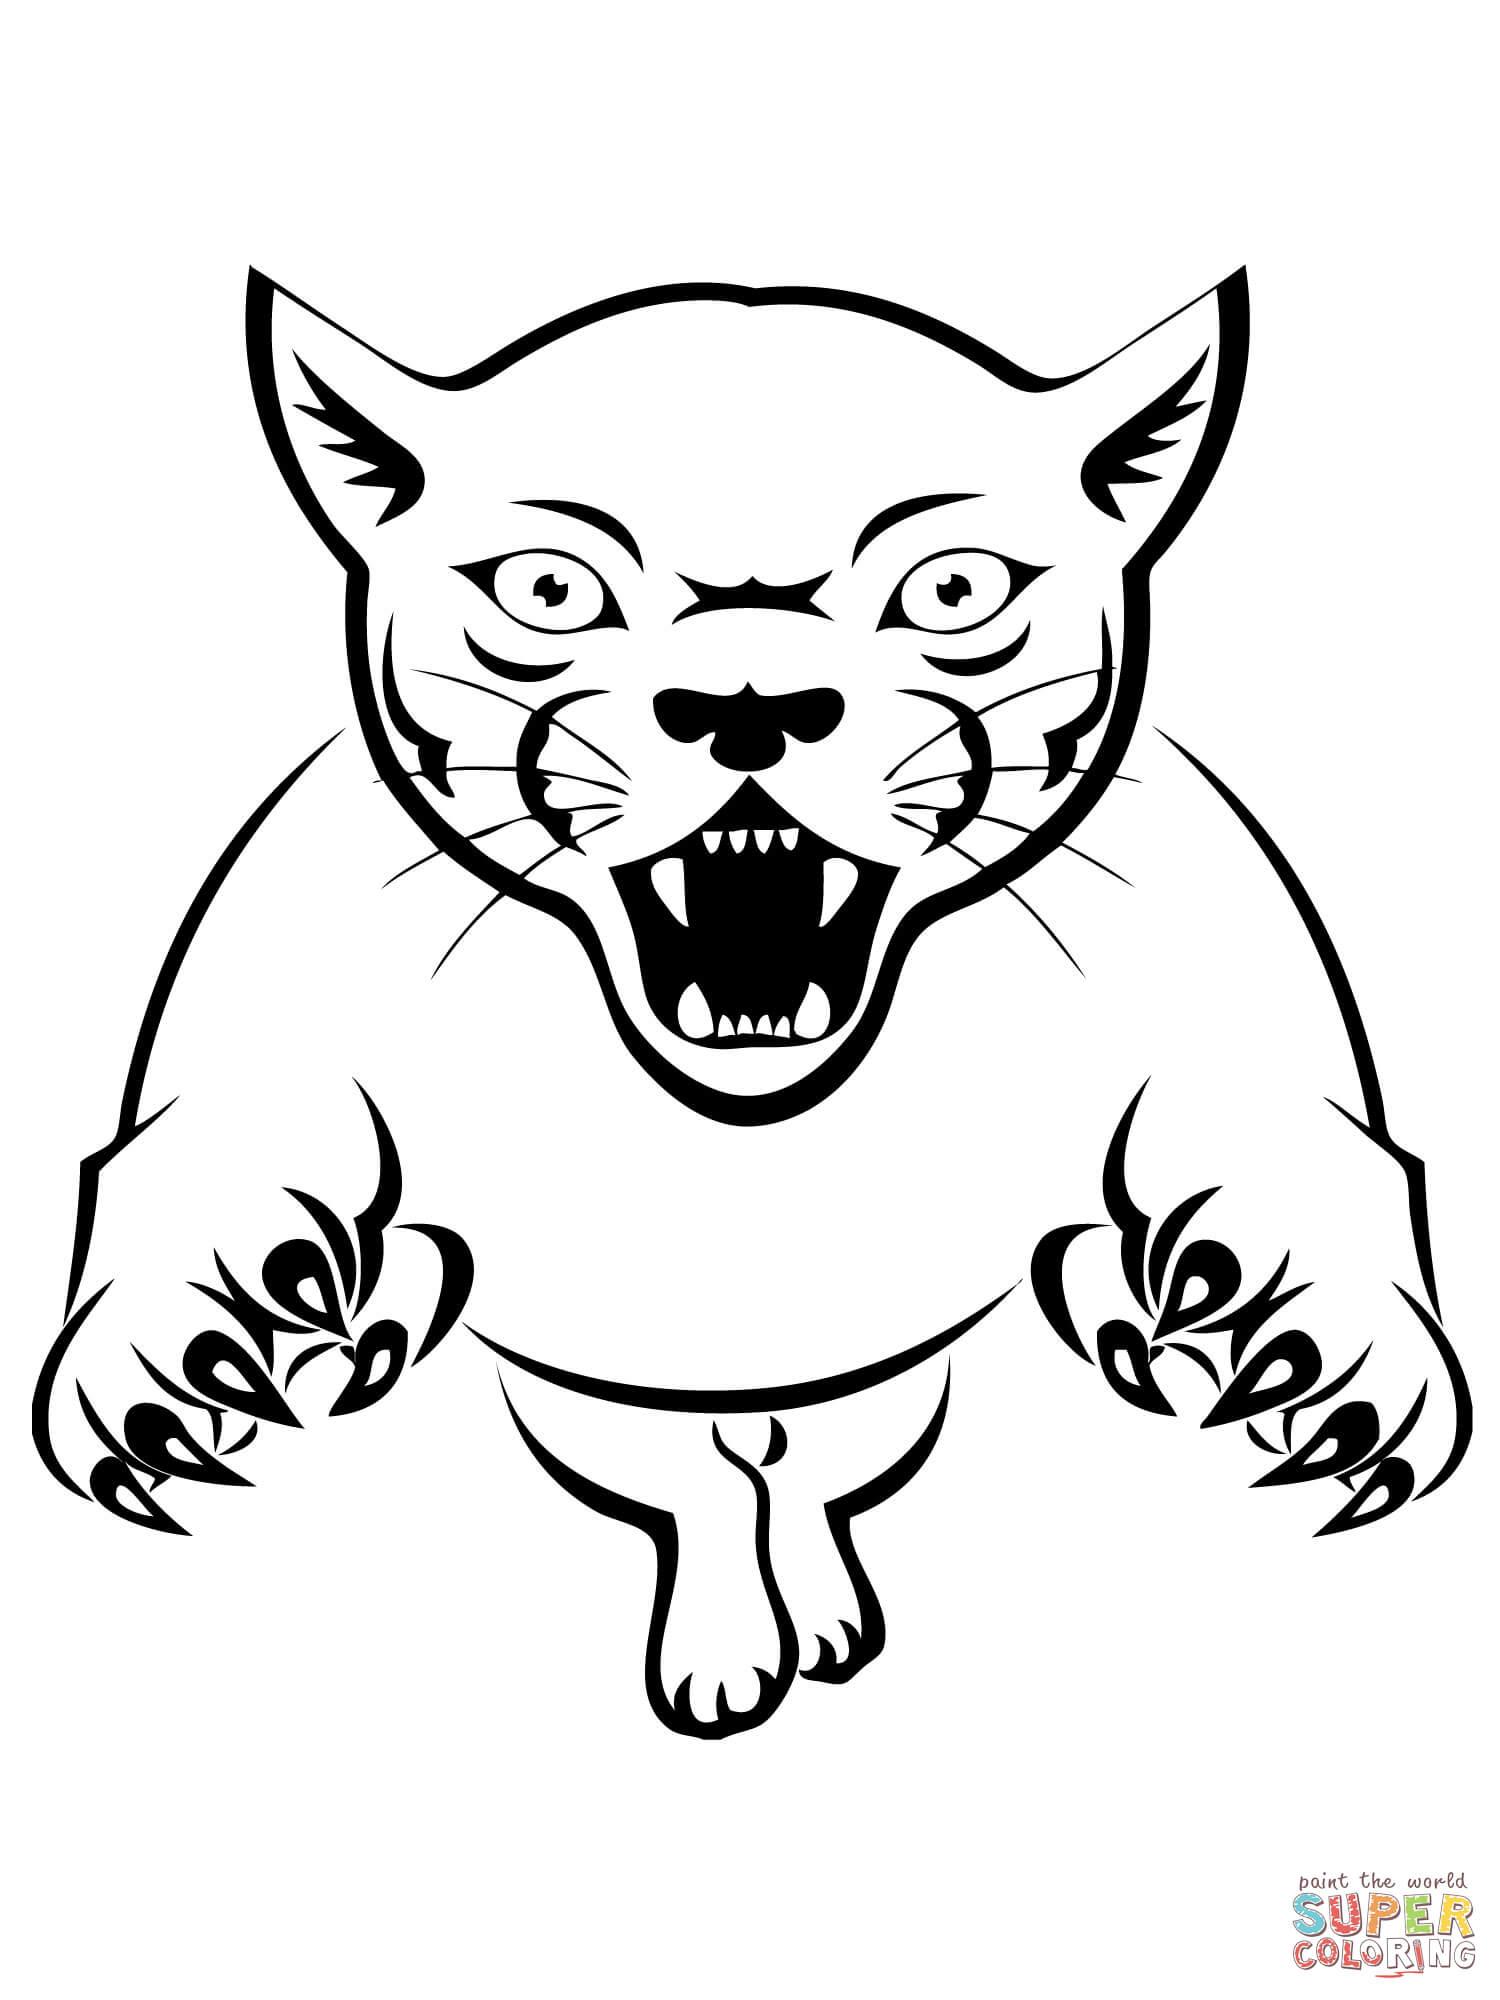 Panther Kleurplaten ~ voorbeeldsjabloon